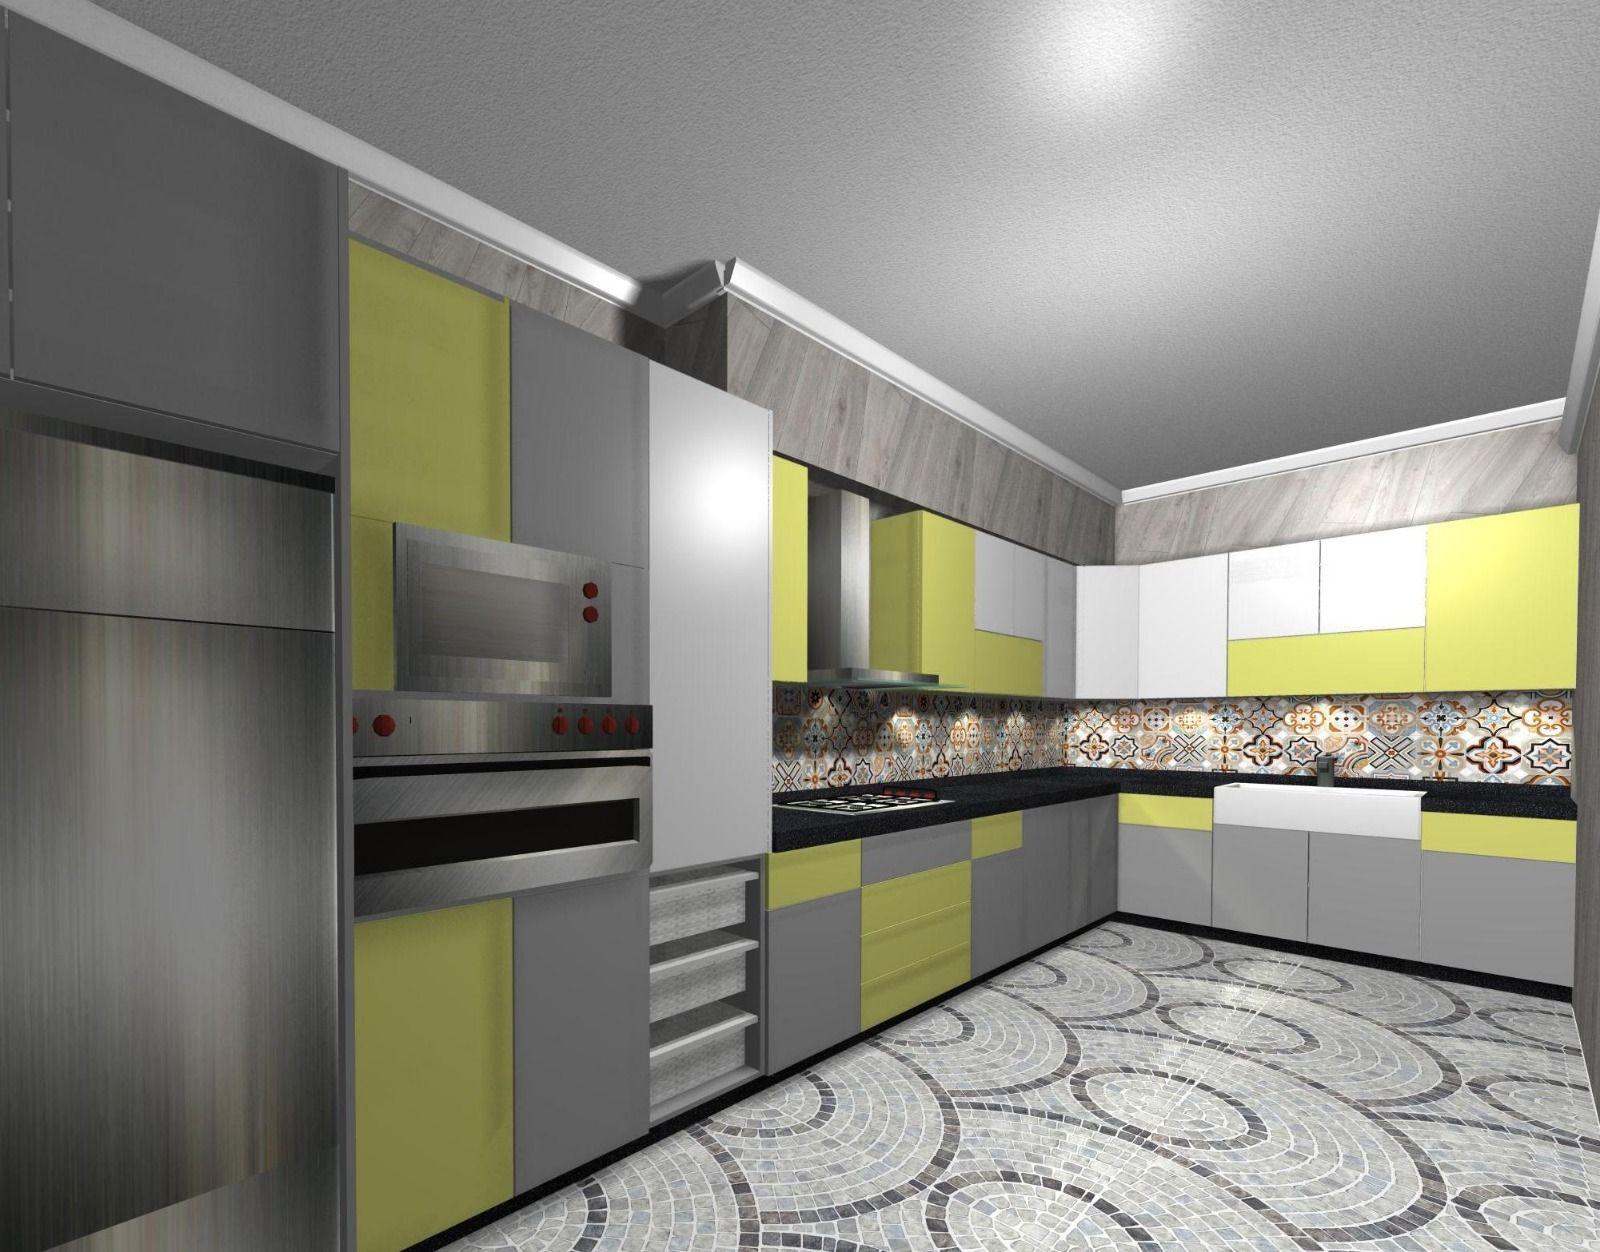 Tarek #6ddesign #kitchens #decoration #kuwait  Modern kitchen